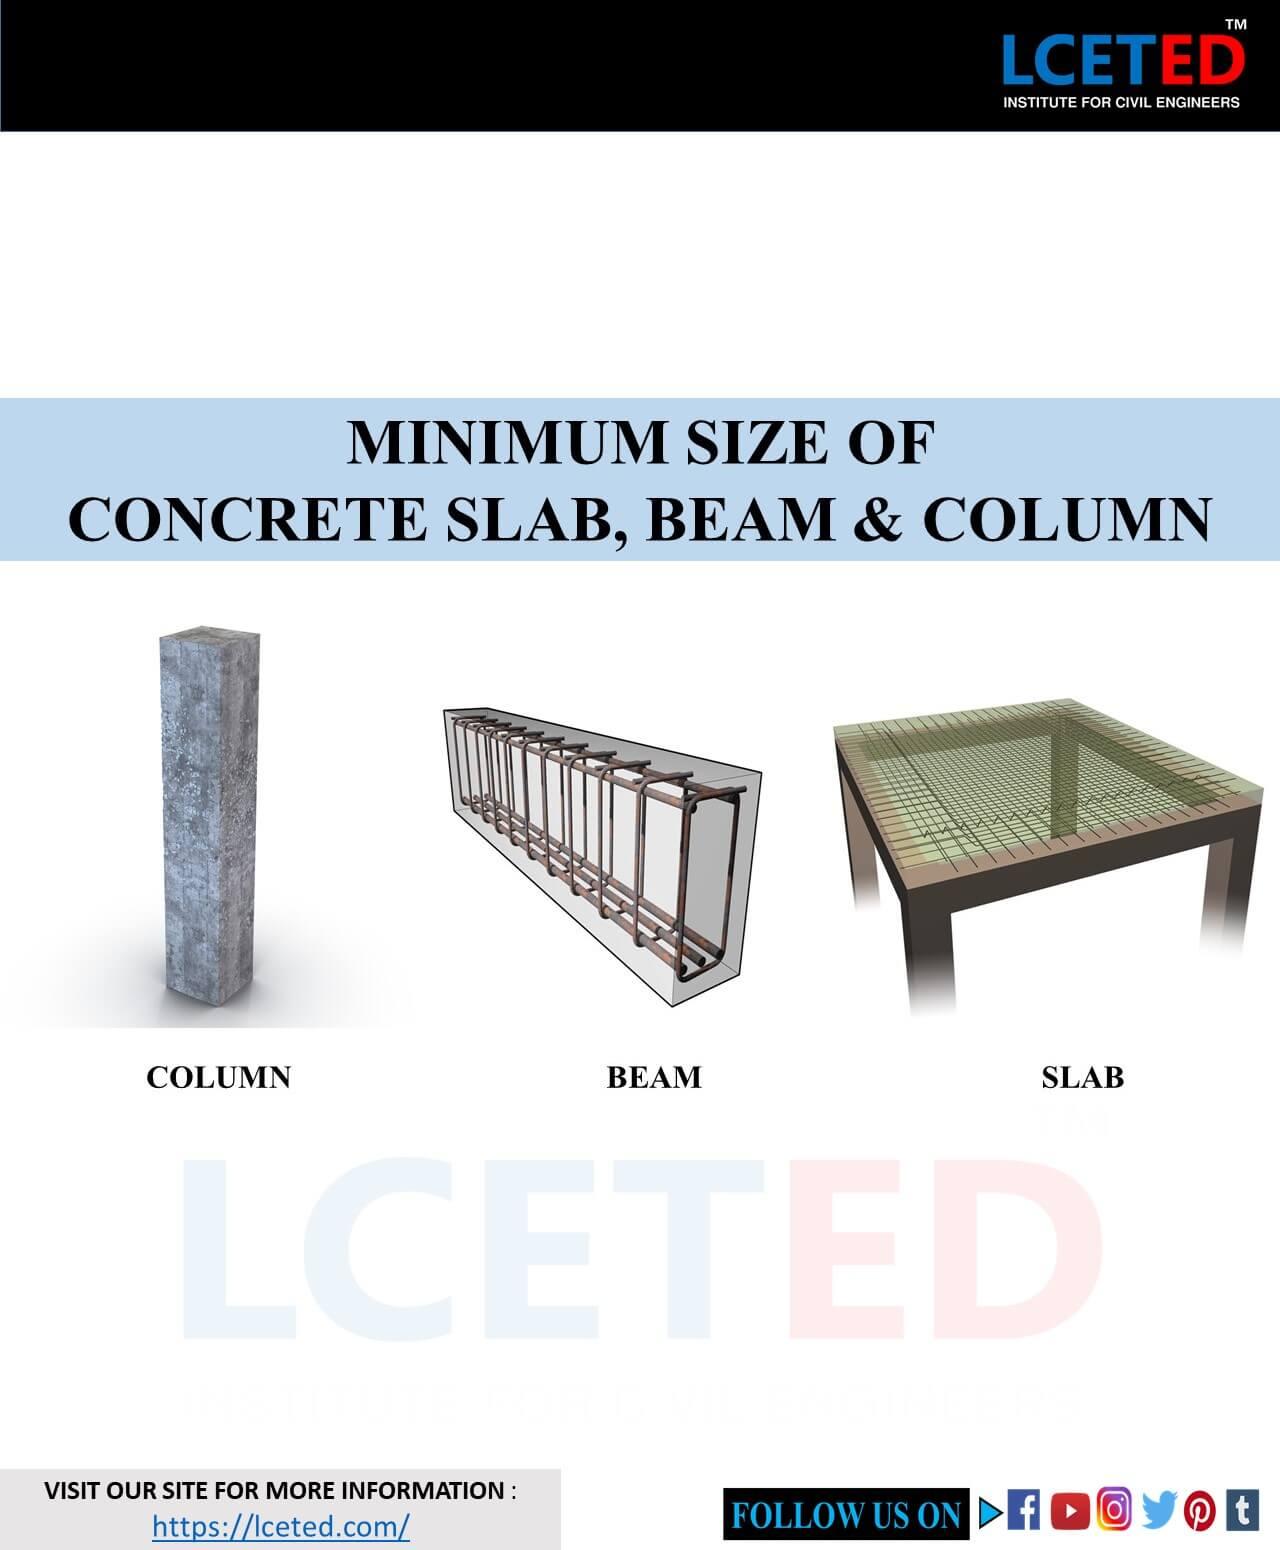 MINIMUM SIZE OF CONCRETE SLAB, BEAM & COLUMN